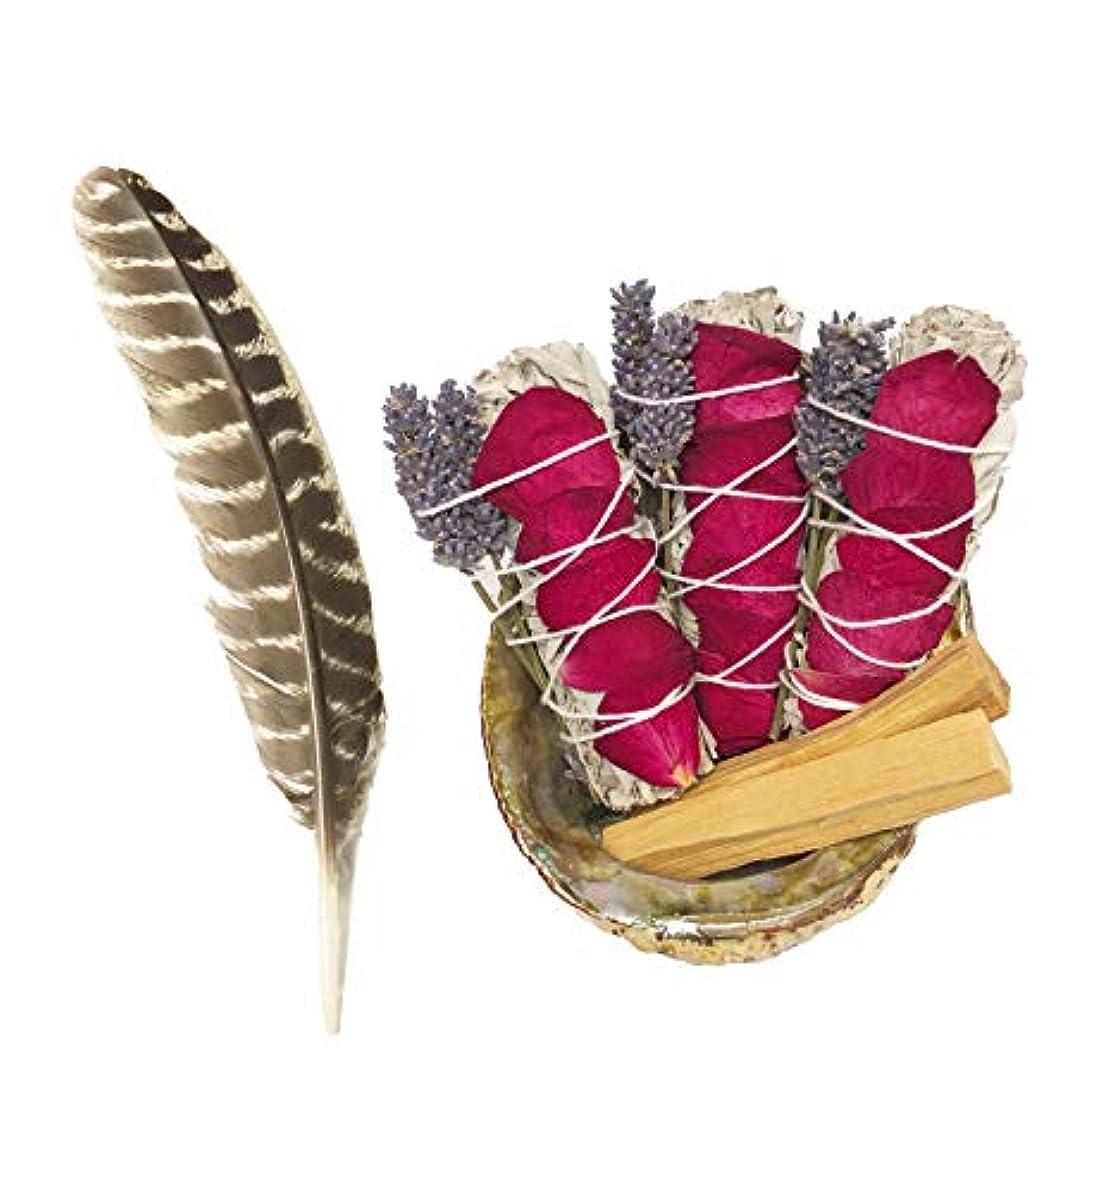 ホワイトセージスマッジキット – ホワイトセージ6本、パロサント2本、フェザー、キャンドル2本、手作りフクロウバスケット (大型1個とミニ2個) 癒し、浄化、瞑想、香り、浄化。